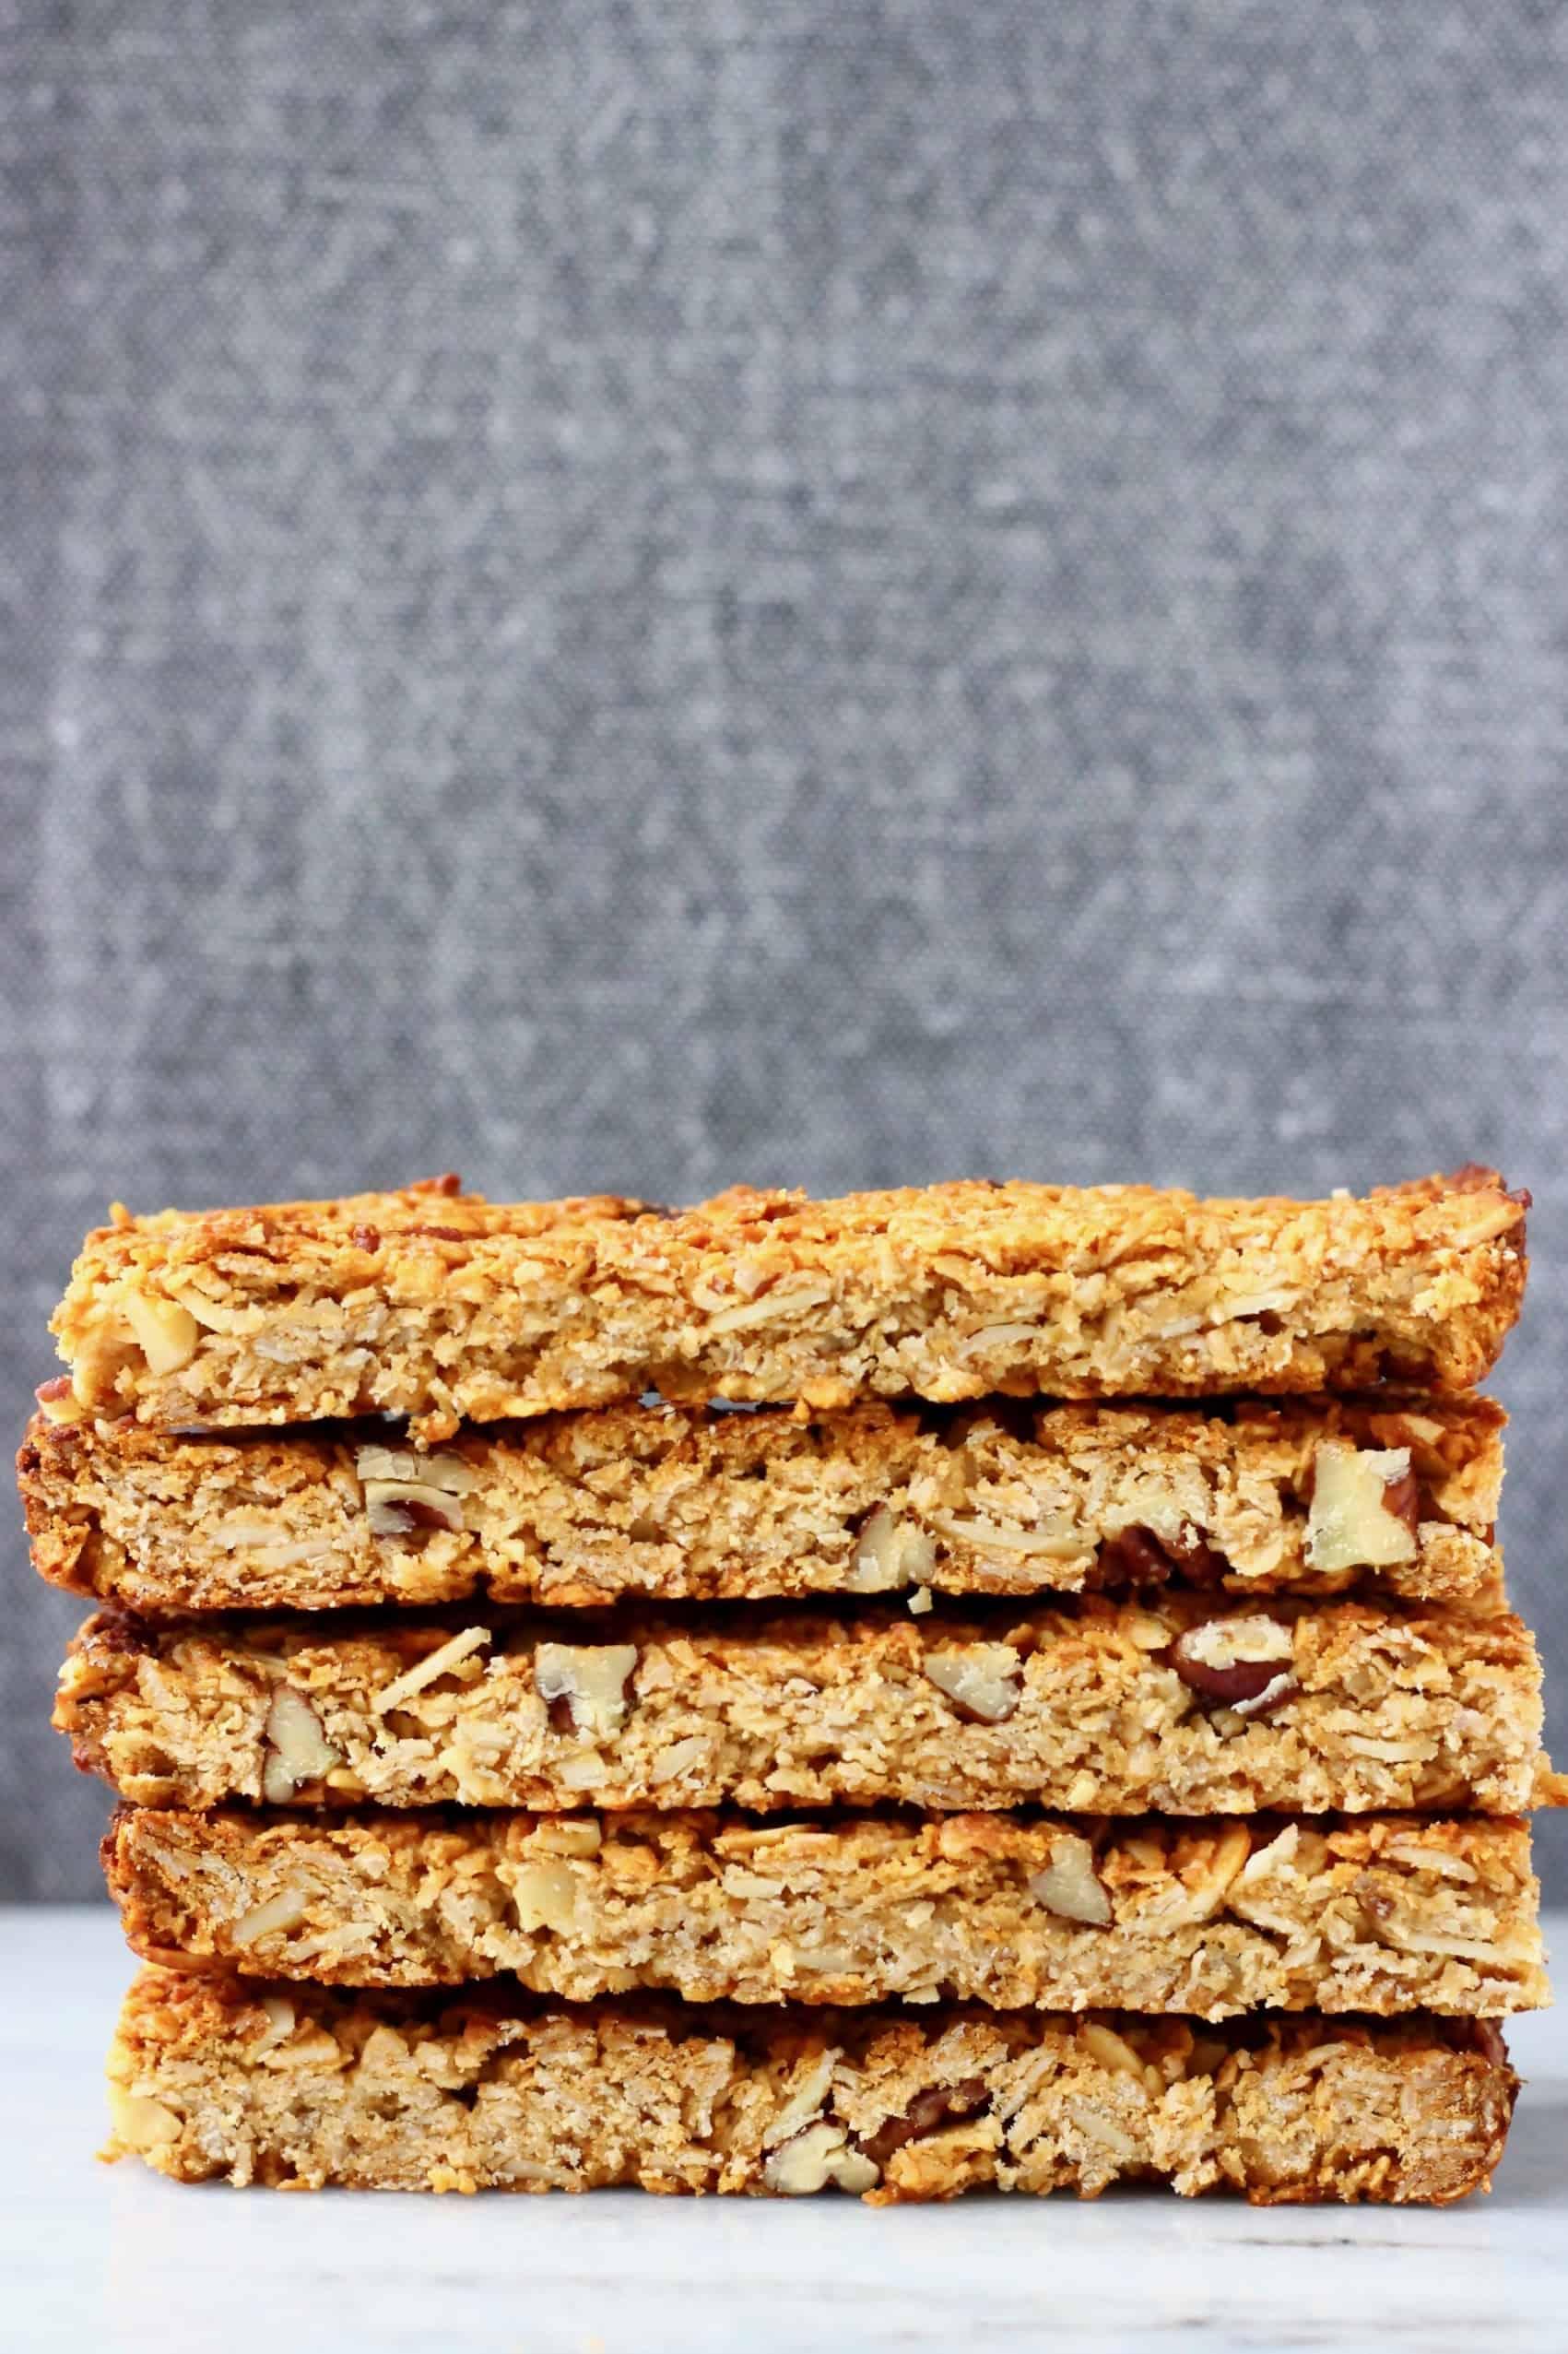 A stack of five vegan granola bars